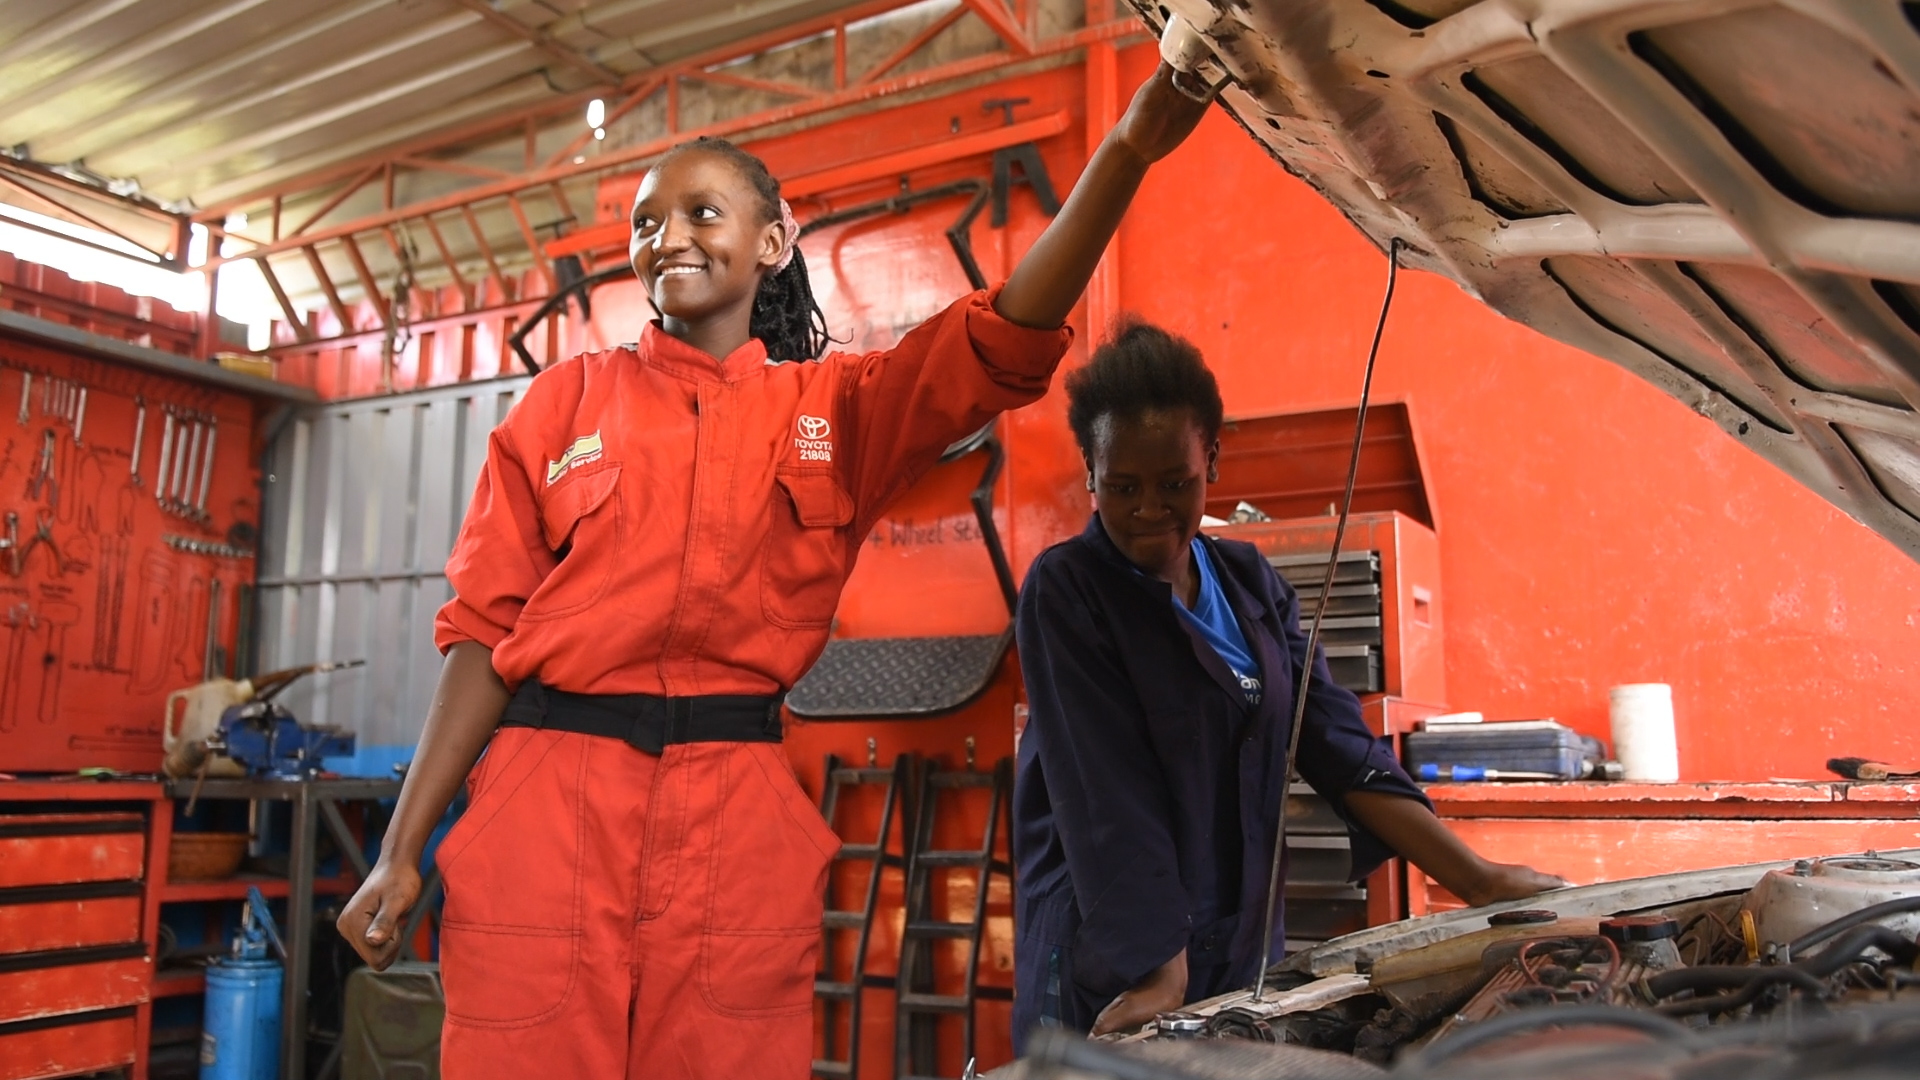 Hace unos años, Peninah tuvo la idea de capacitar a mujeres jóvenes como mecánicas automotrices. Sabía que el oficio les ofrecería la oportunidad de ganar un salario digno y creía que las mujeres que trabajaban en la industria dominada por hombres tendrían una ventaja. Foto: Kate Adelung / CARE